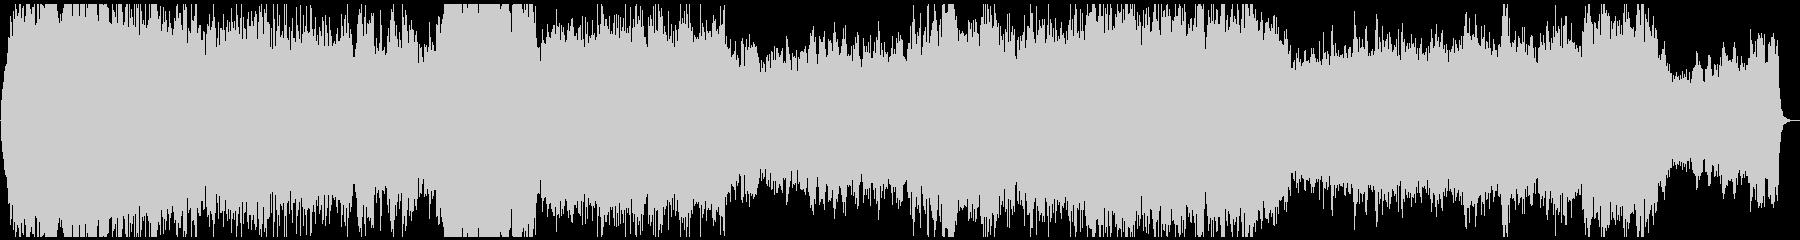 ピアノのアルペジオをオフにし、ケル...の未再生の波形